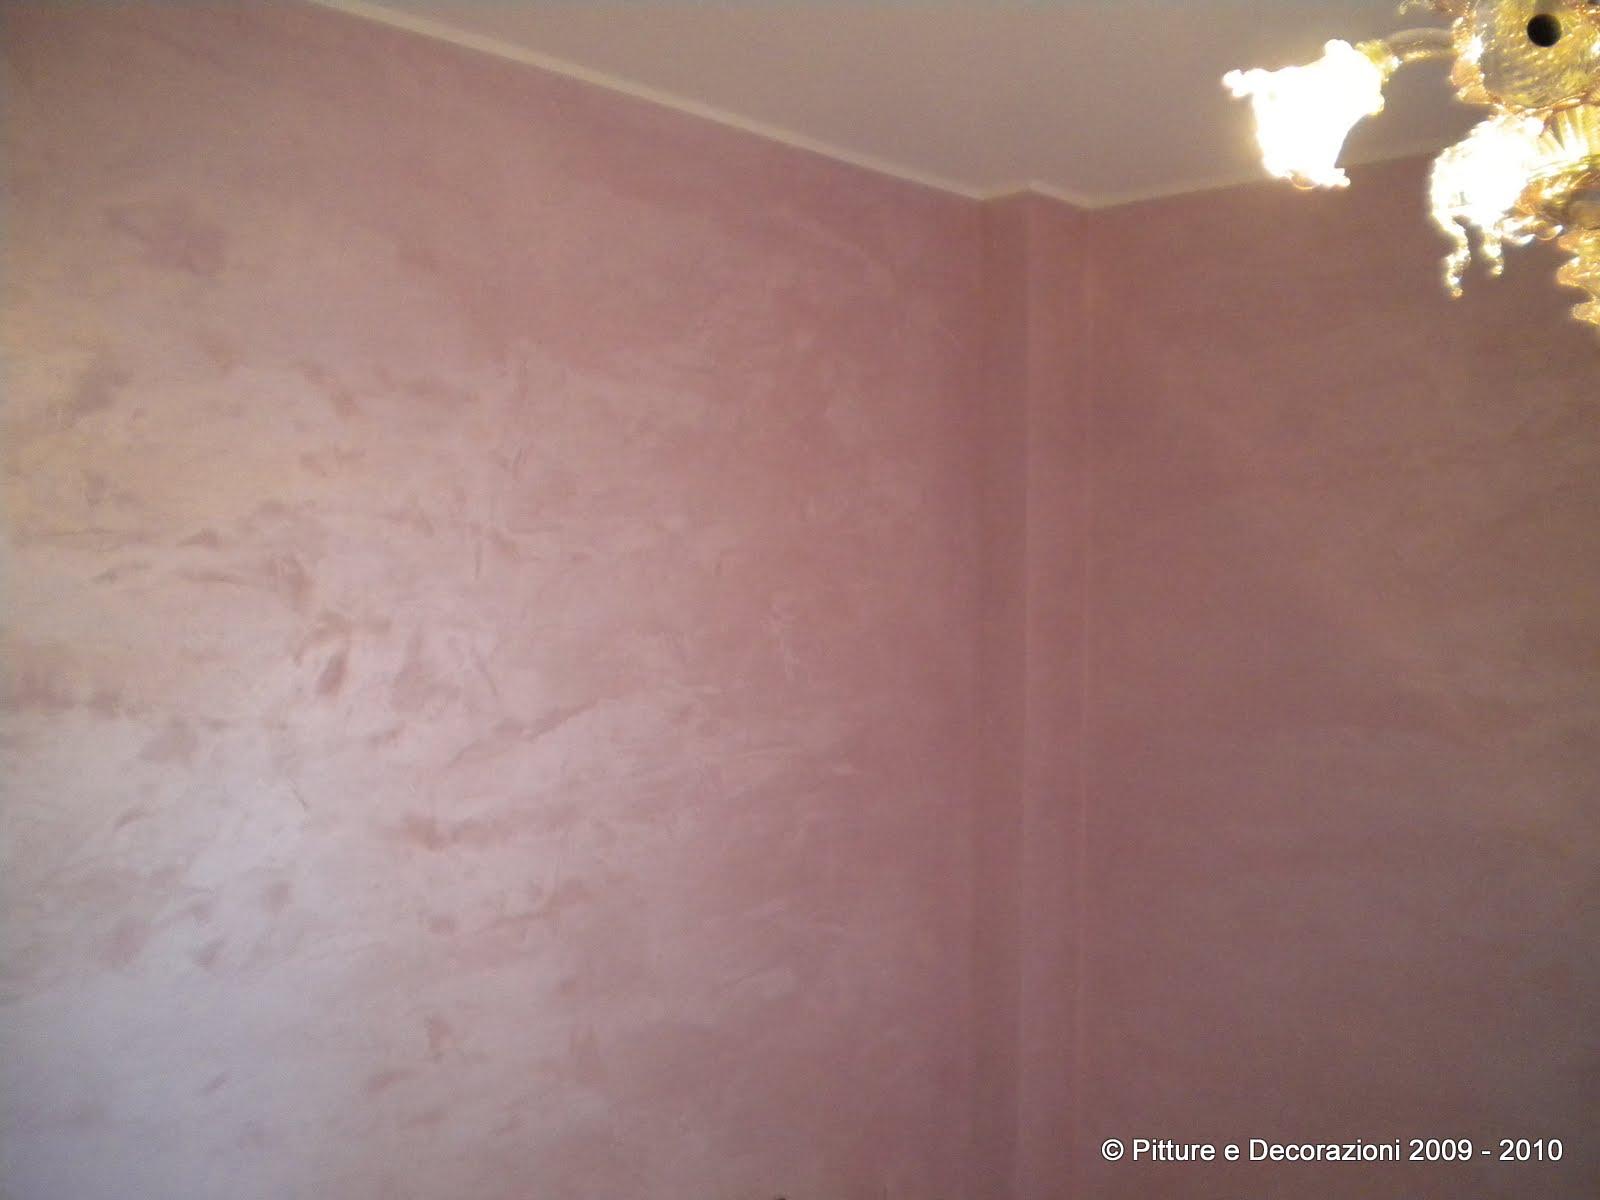 Pitture decorazioni decorazione con oikos ottocento for Pittura salone